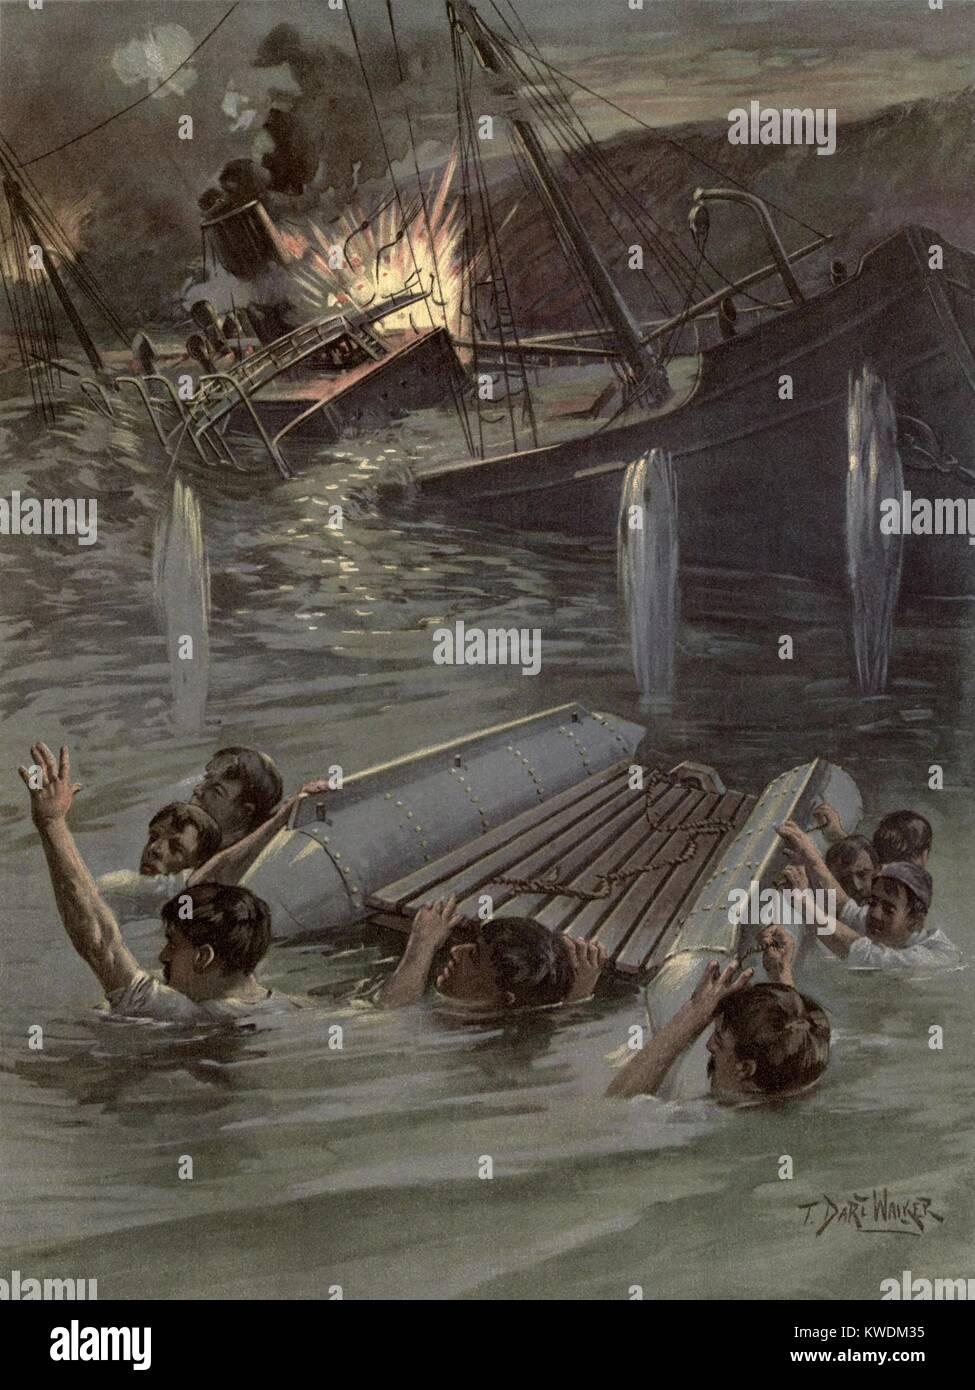 Oficial de la Marina estadounidense Richard Hobson y seis marineros españoles bajo fuego después de hundimiento Imagen De Stock